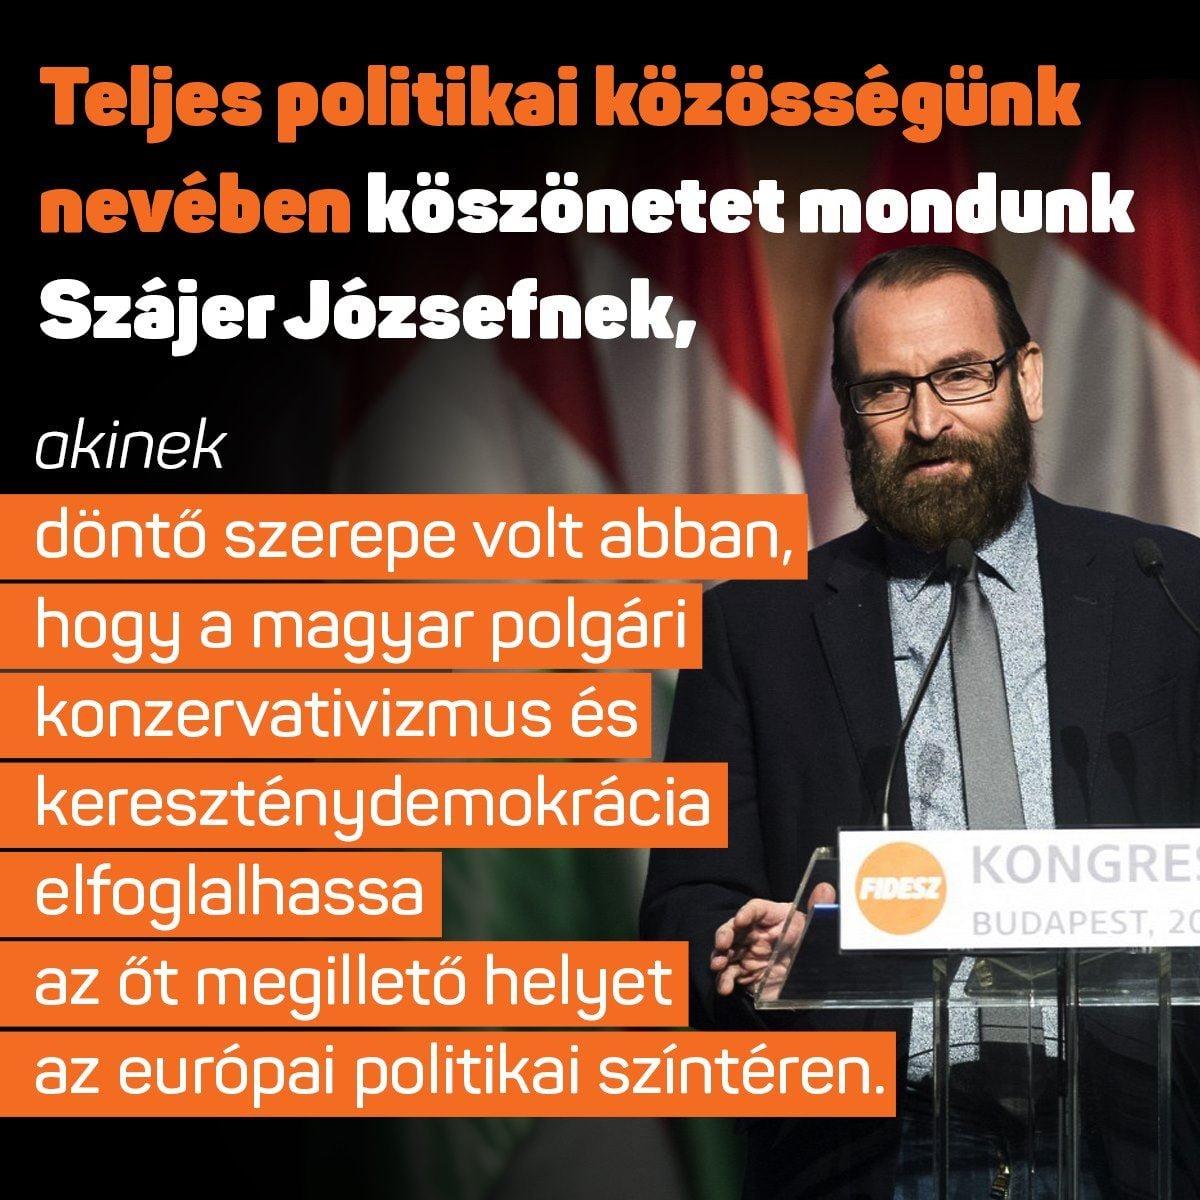 szajer_koszonet_fidesz_plakat.jpg